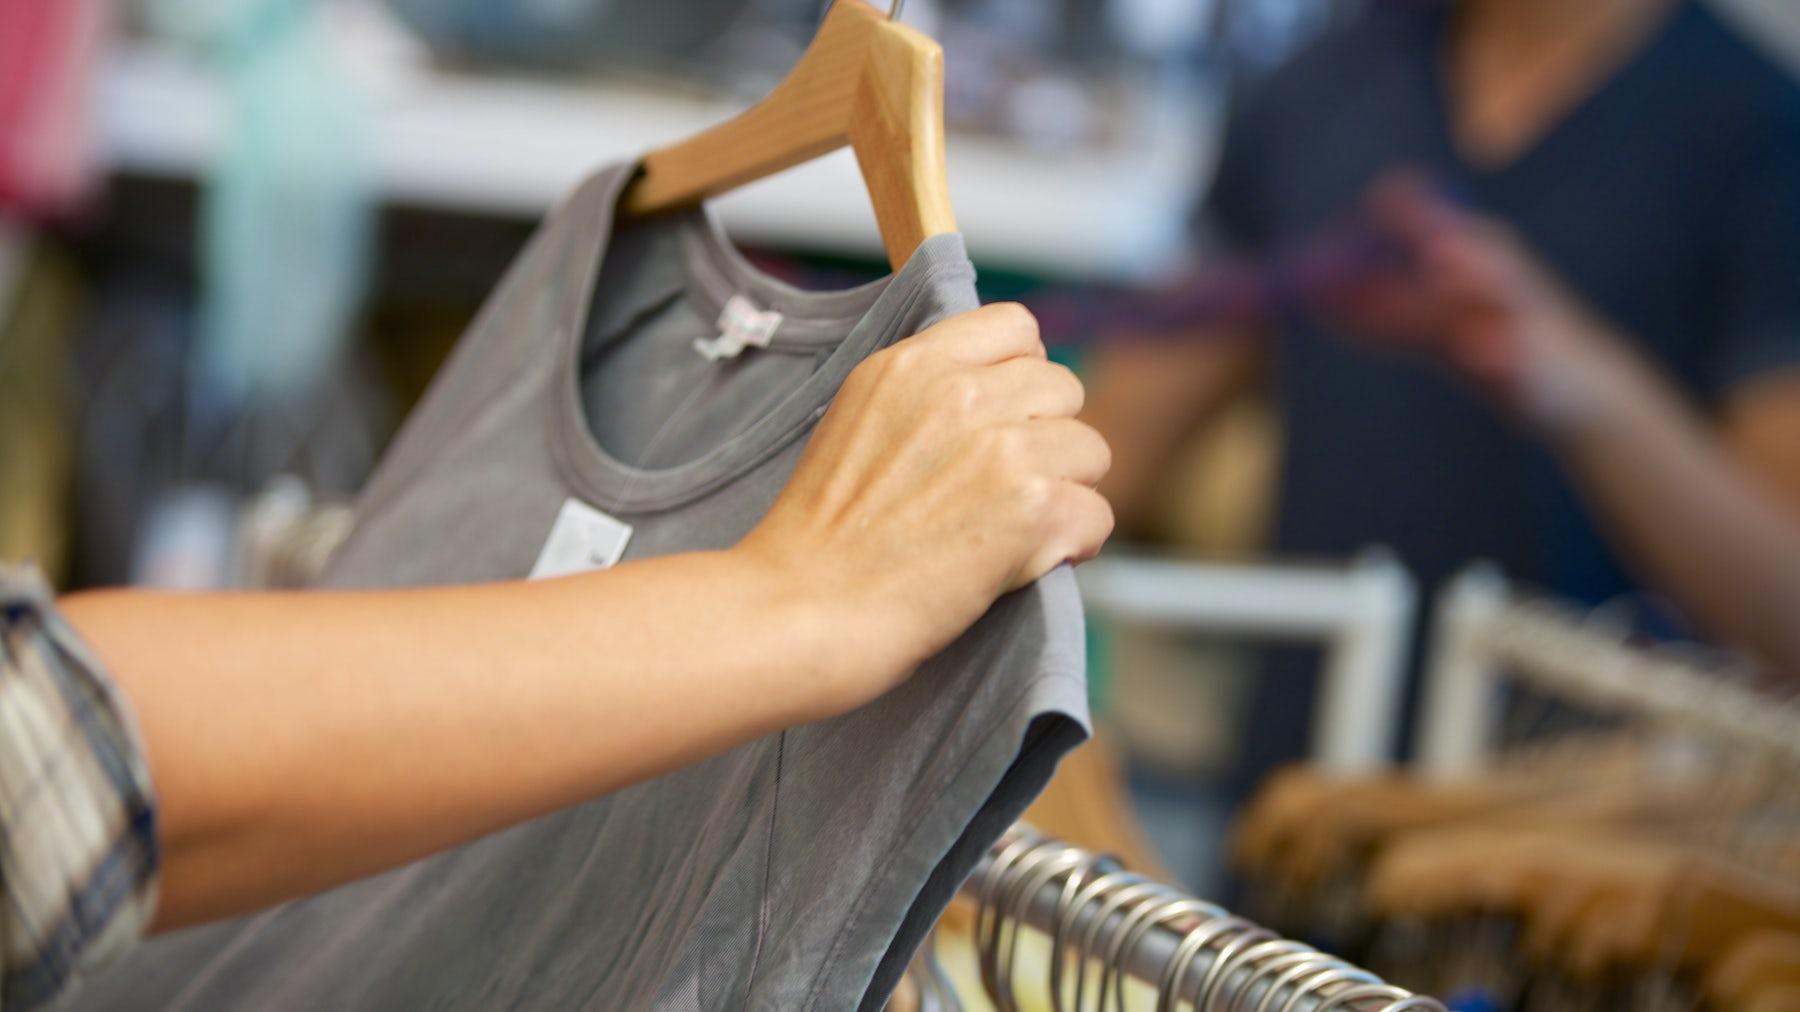 Shopping | Source: Shutterstock